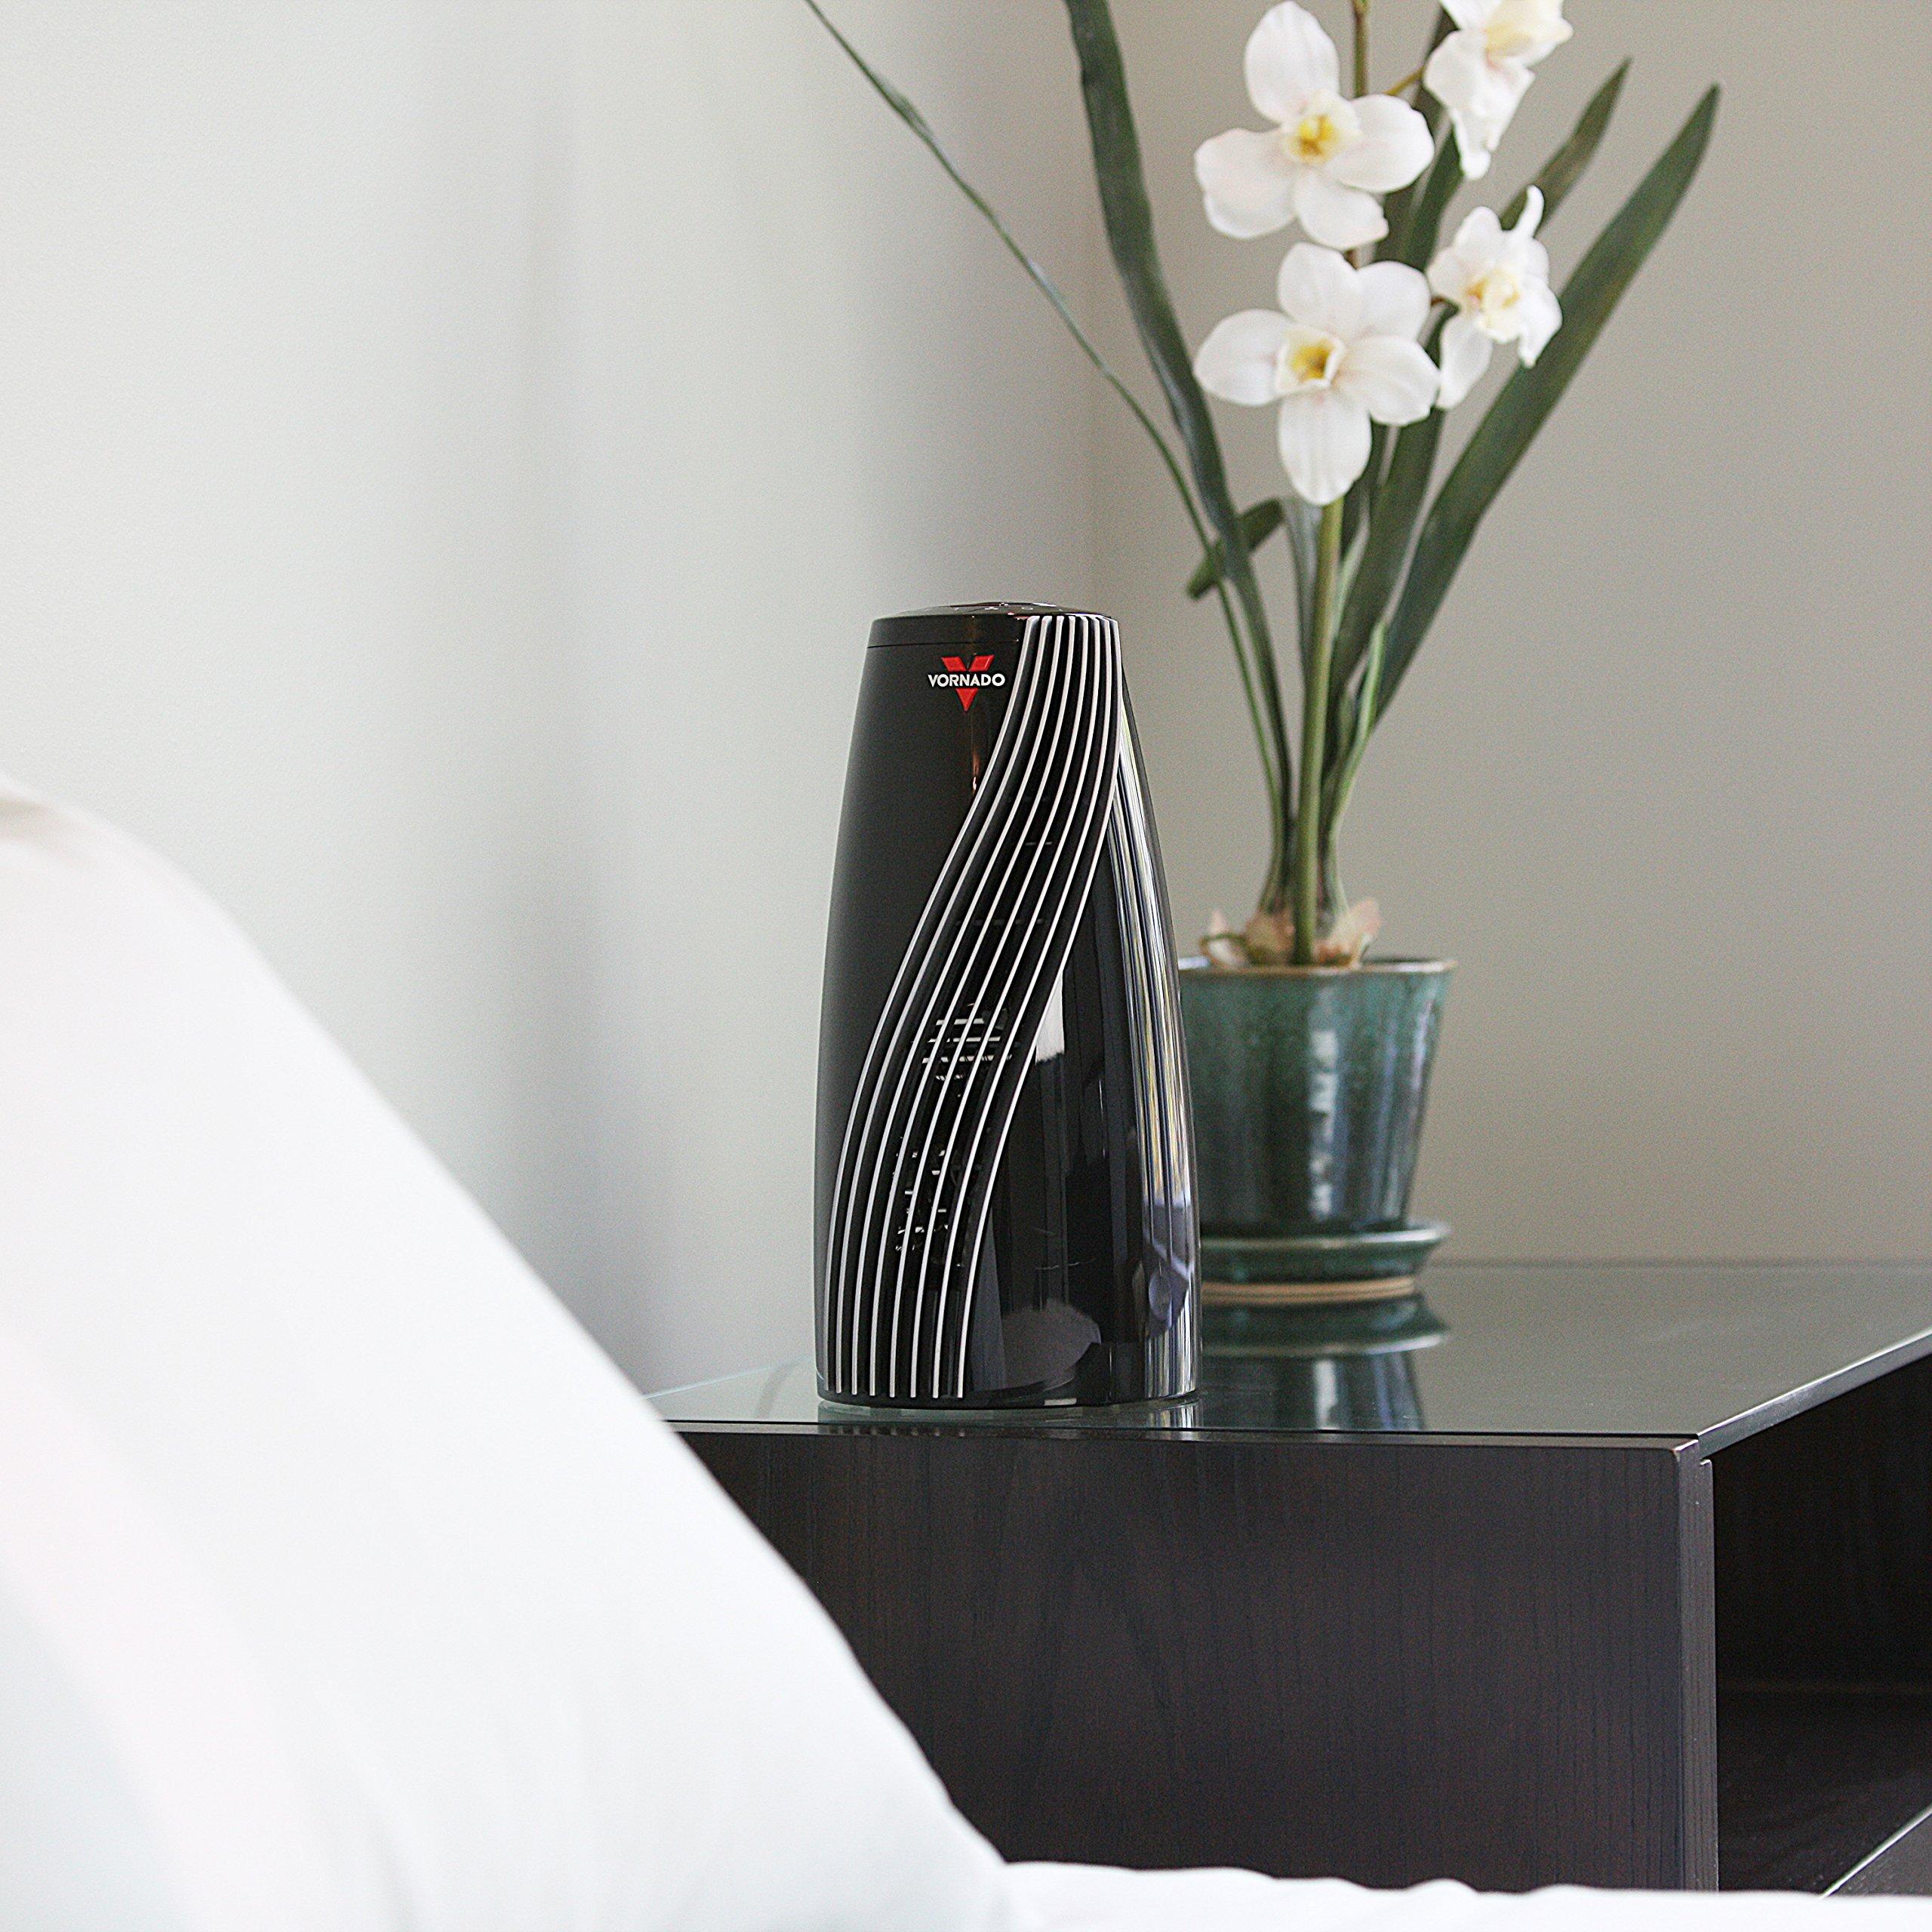 Vornado SRTH Small Room Tower Heater, Black